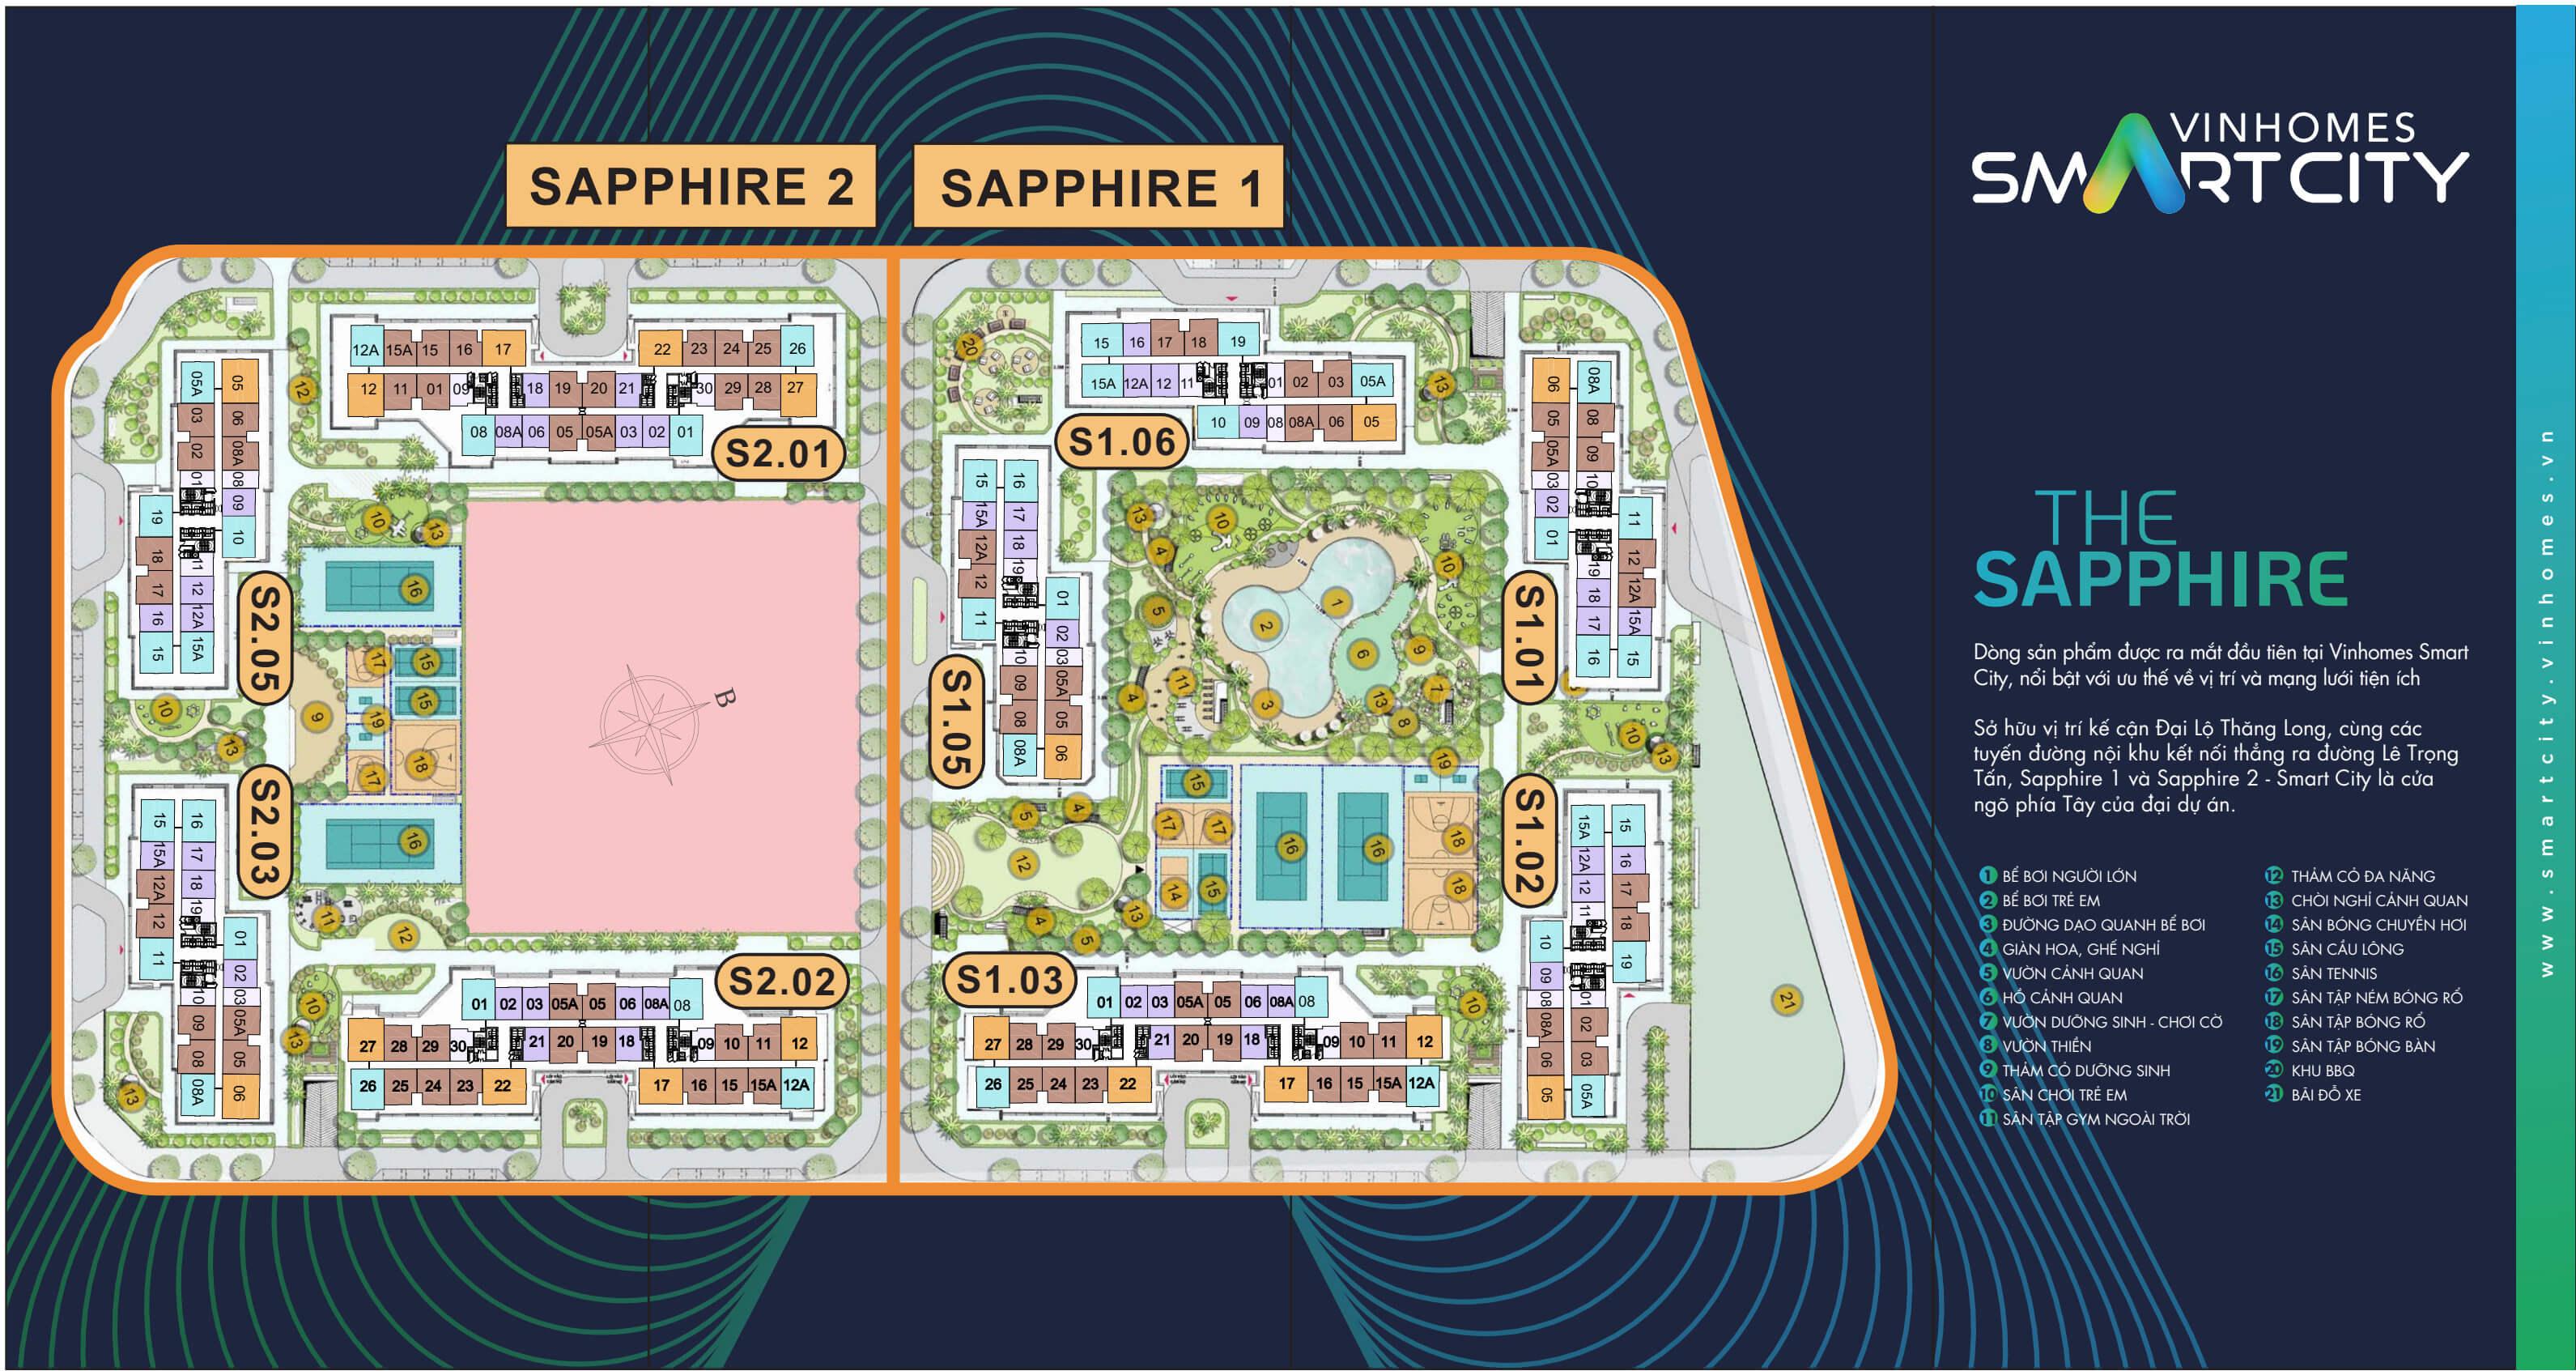 Mặt bằng phân khu Saphire 1 và 2